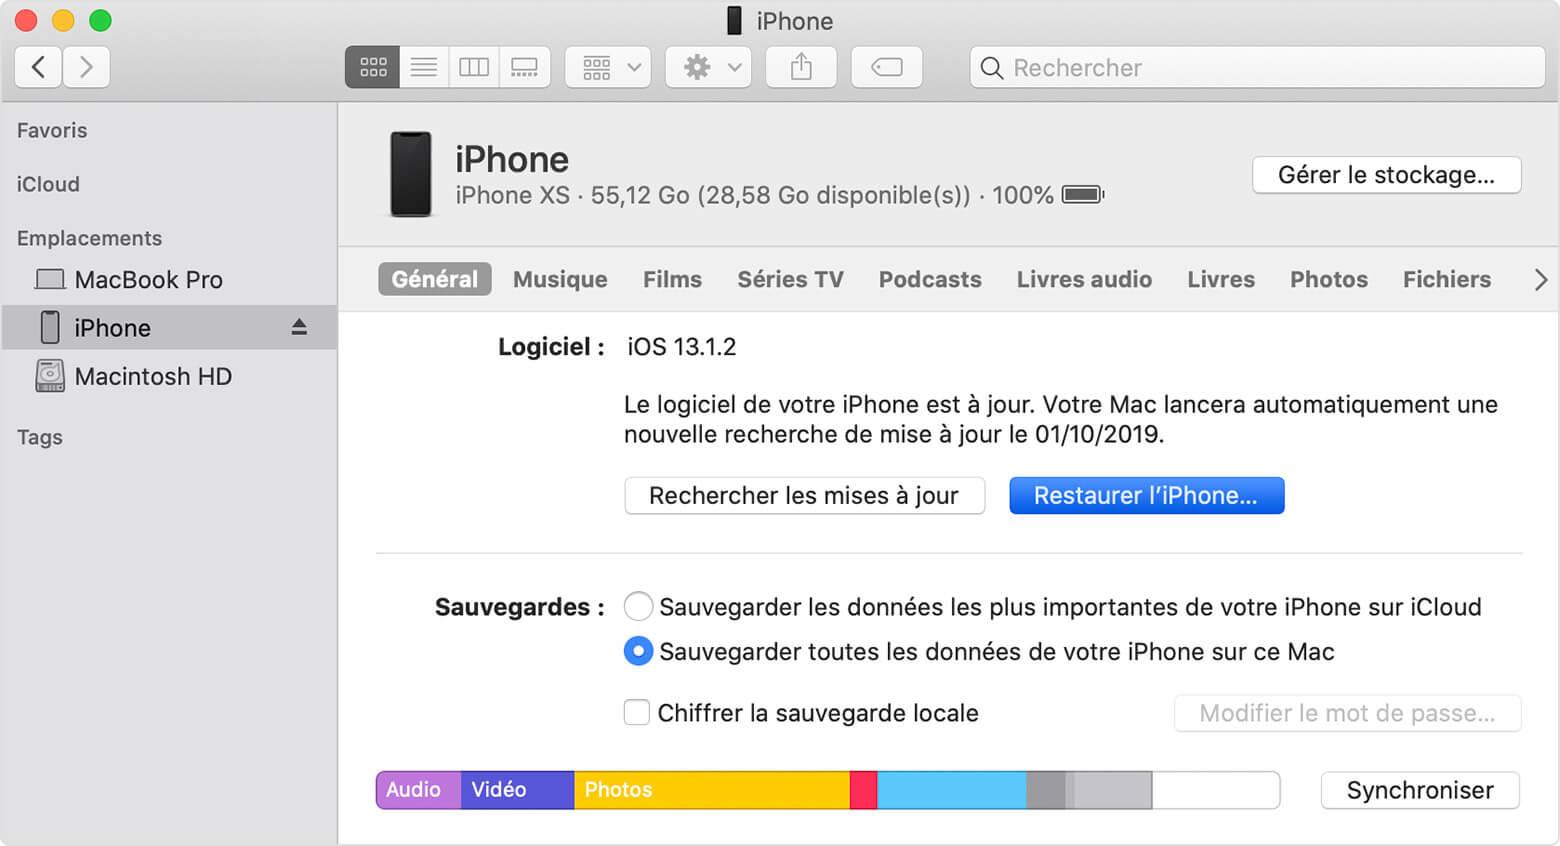 restaurer votre iPhone en un clic